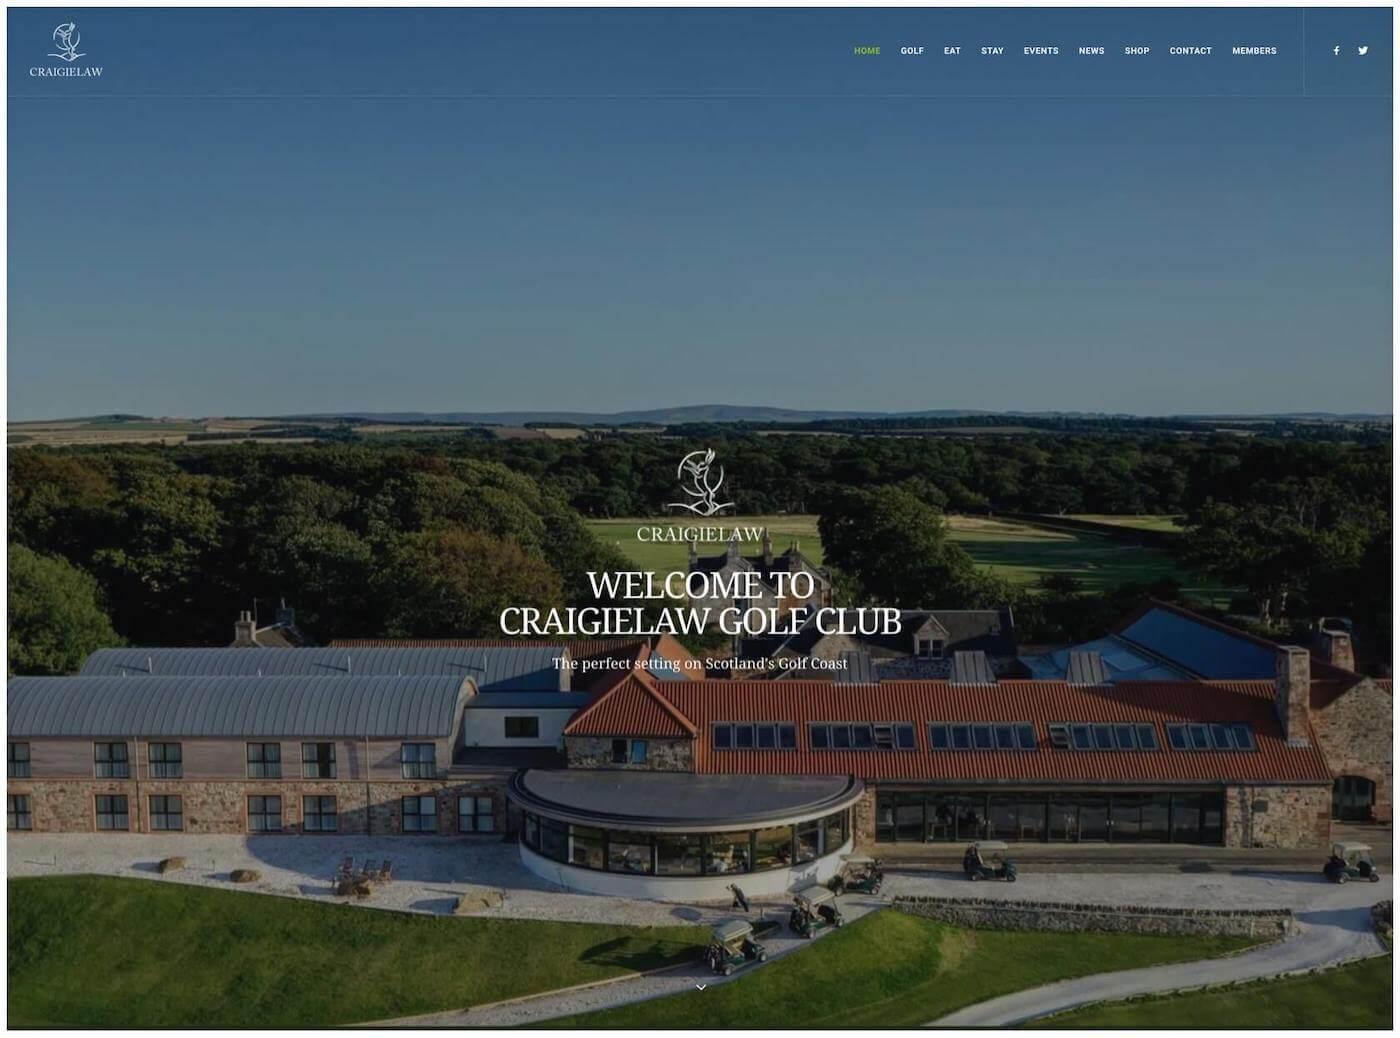 Web design for Craigielaw Golf Club, East Lothian